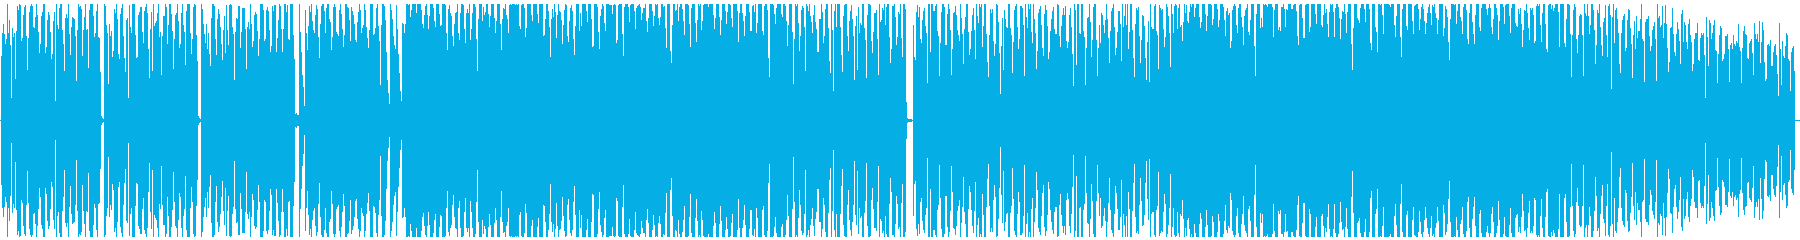 電気研究所ハイテク技術。ロボット反...の再生済みの波形